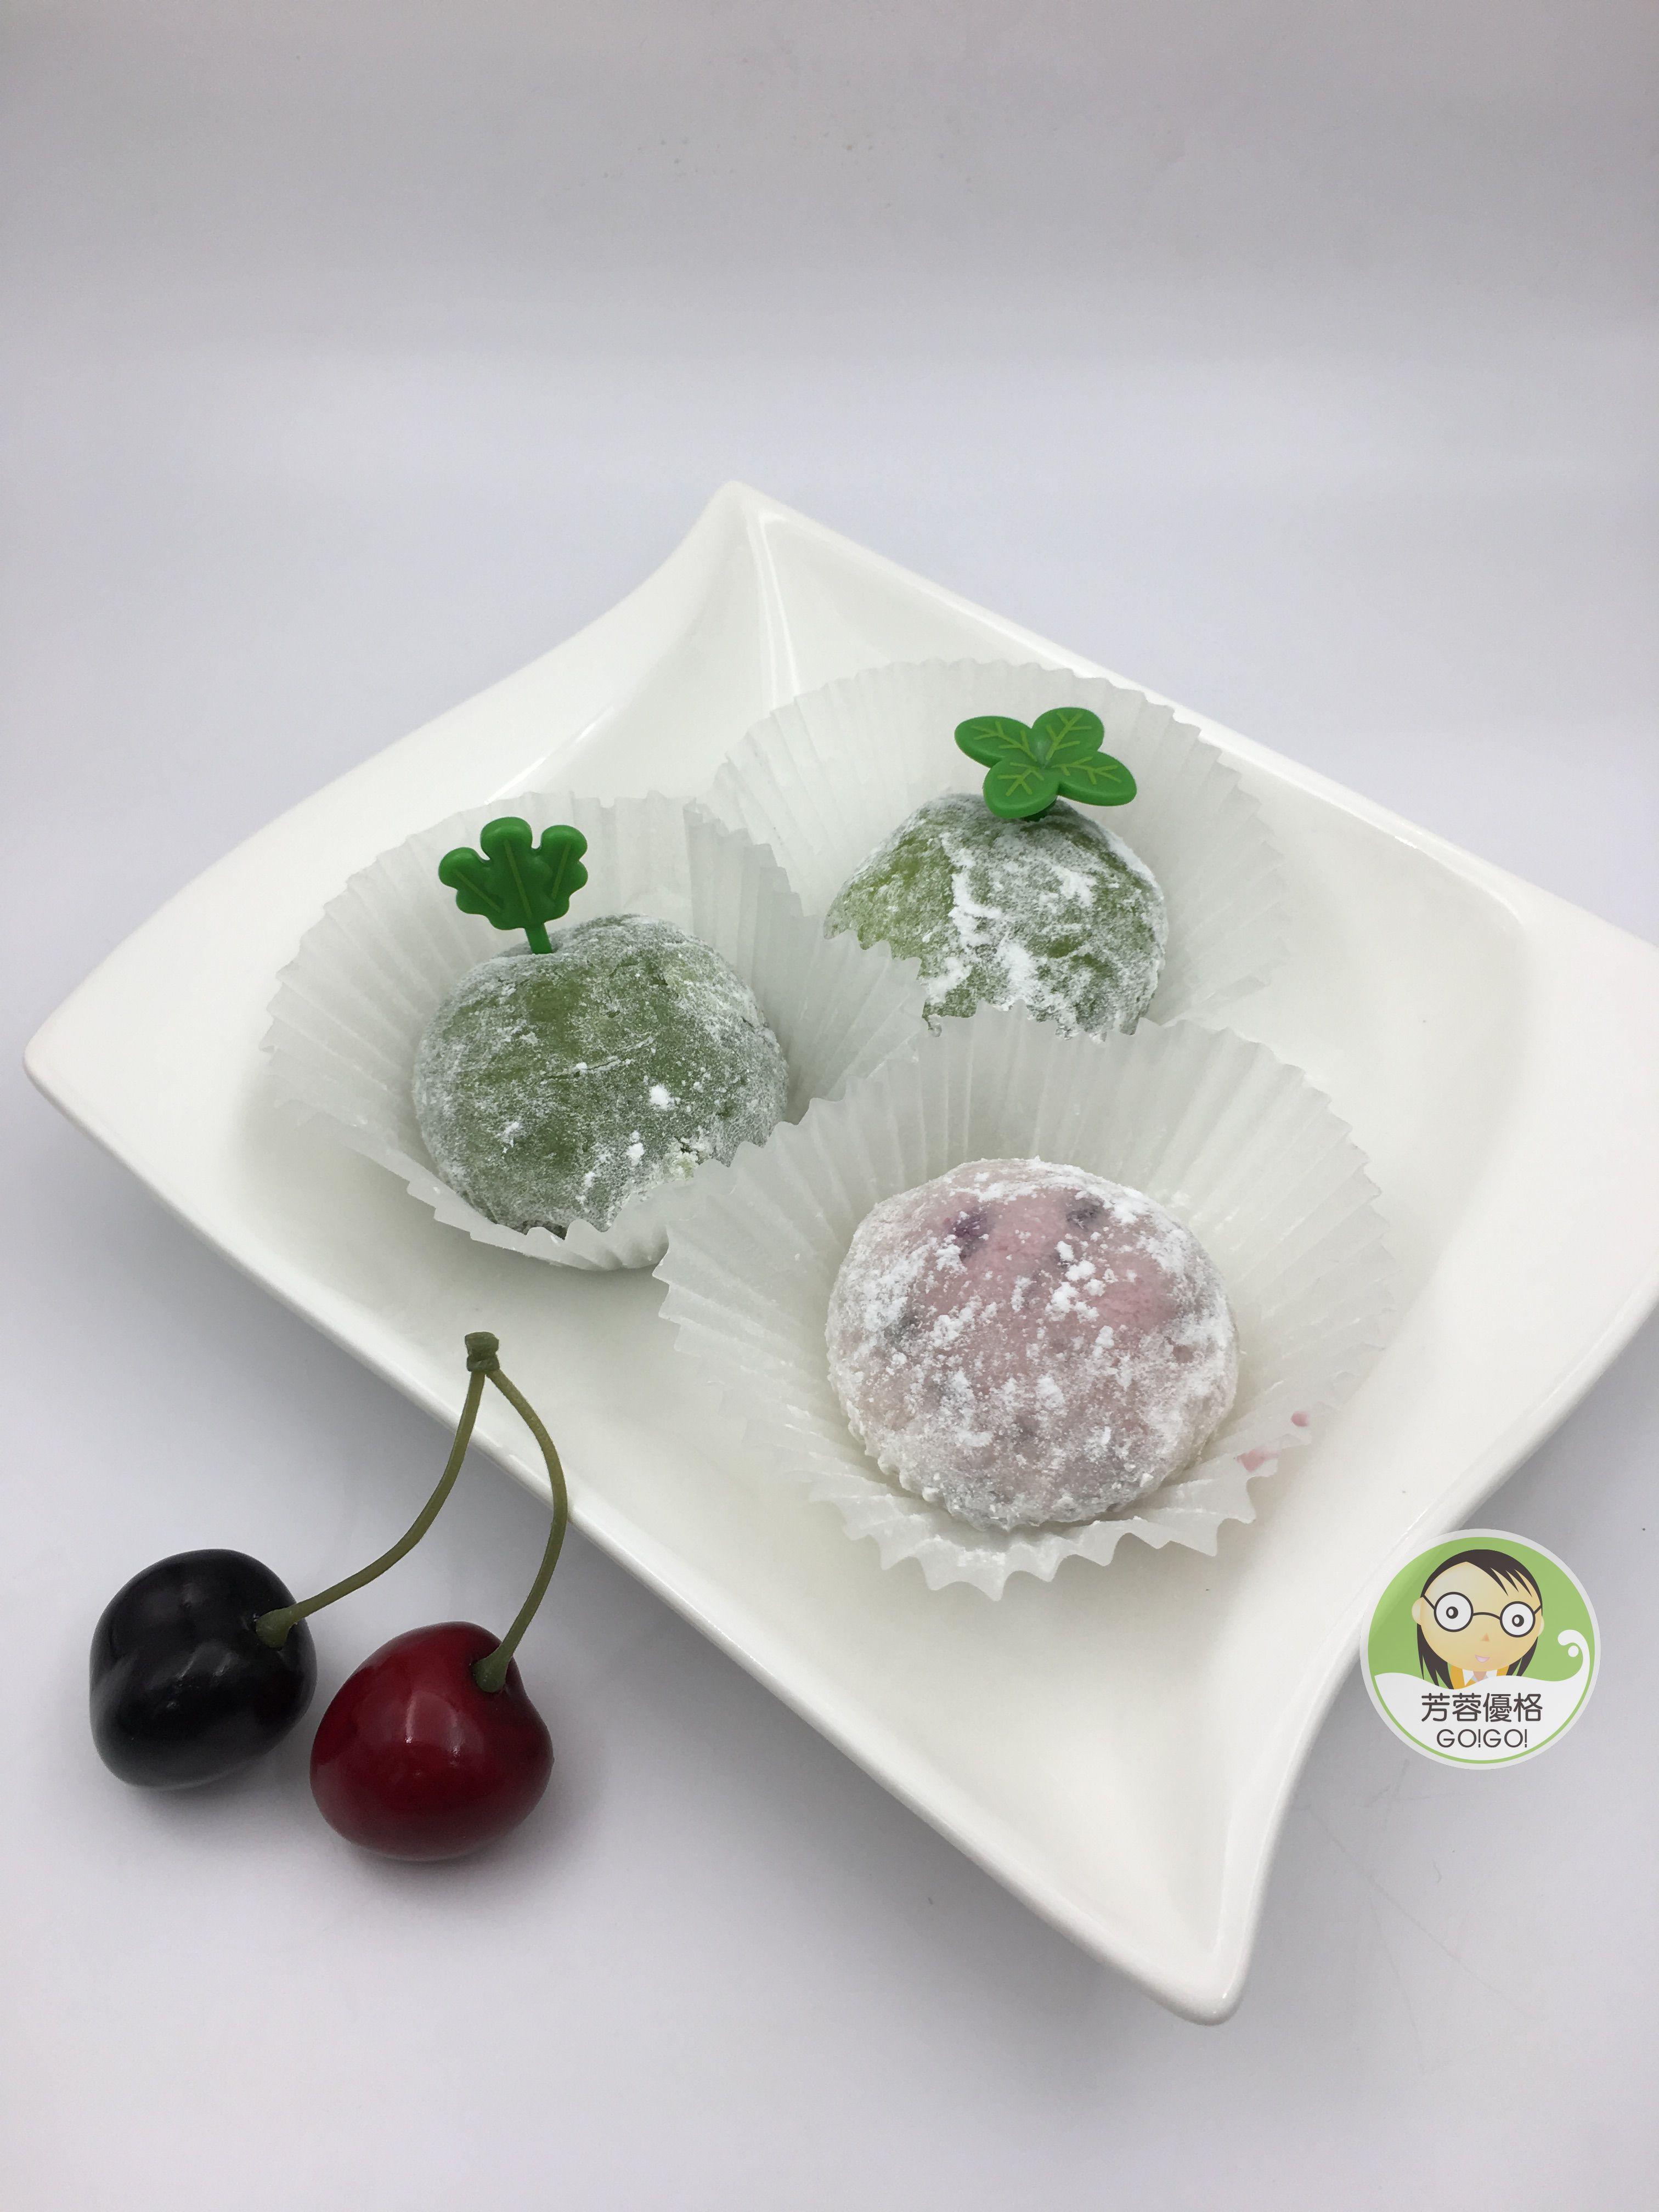 冰淇淋優格藍莓大福